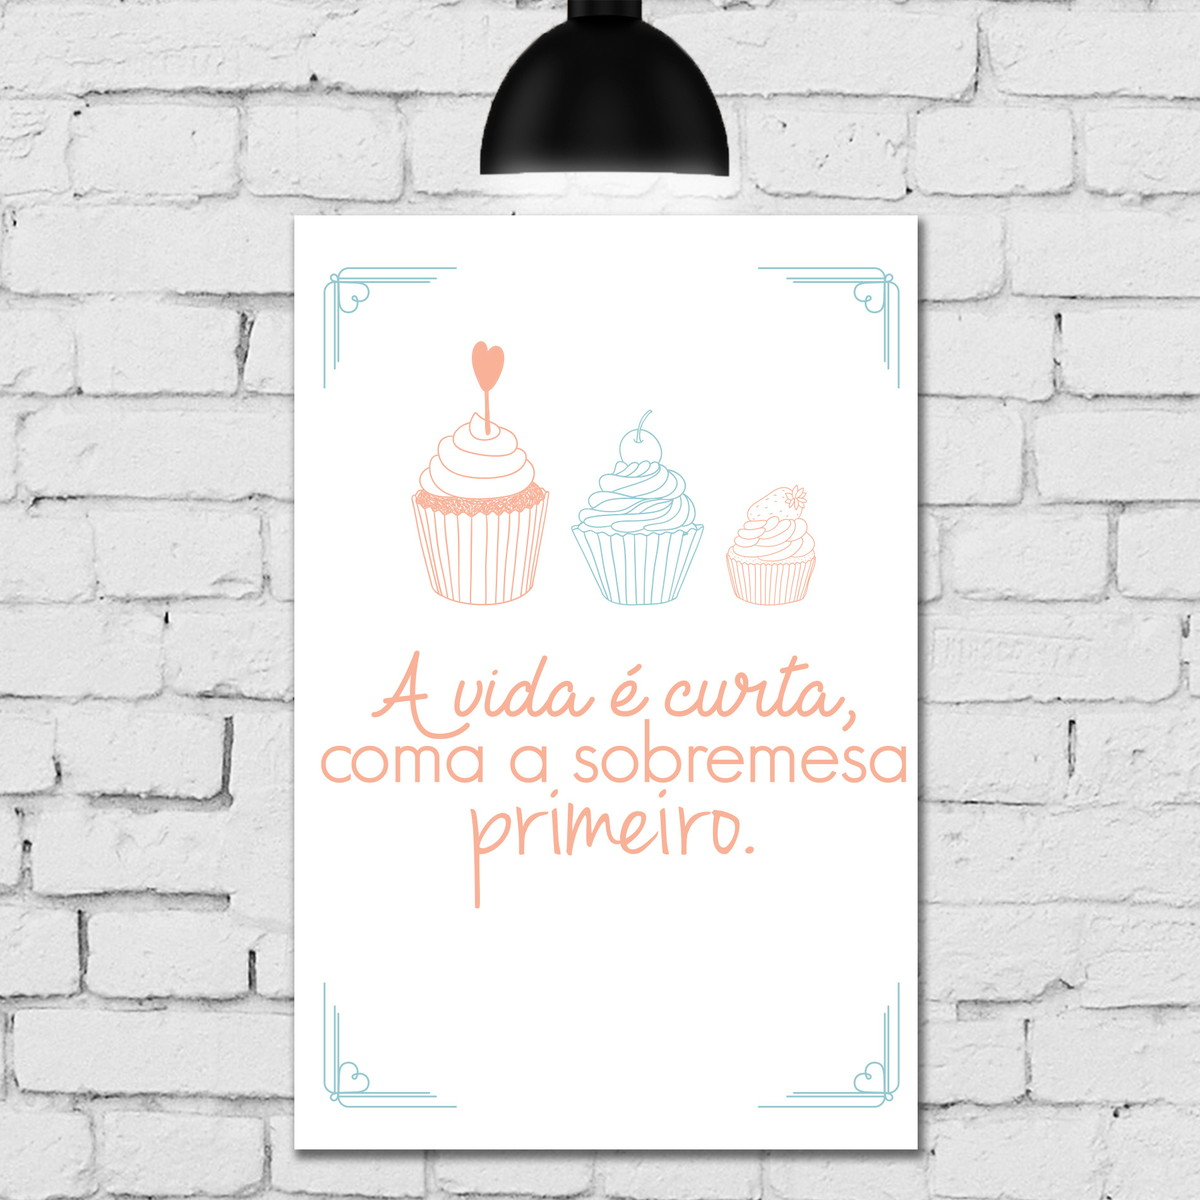 Placa Decorativa Frase Cozinha Sobremesa Quartinhos Elo7 ~ Frases De Limpeza Na Cozinha